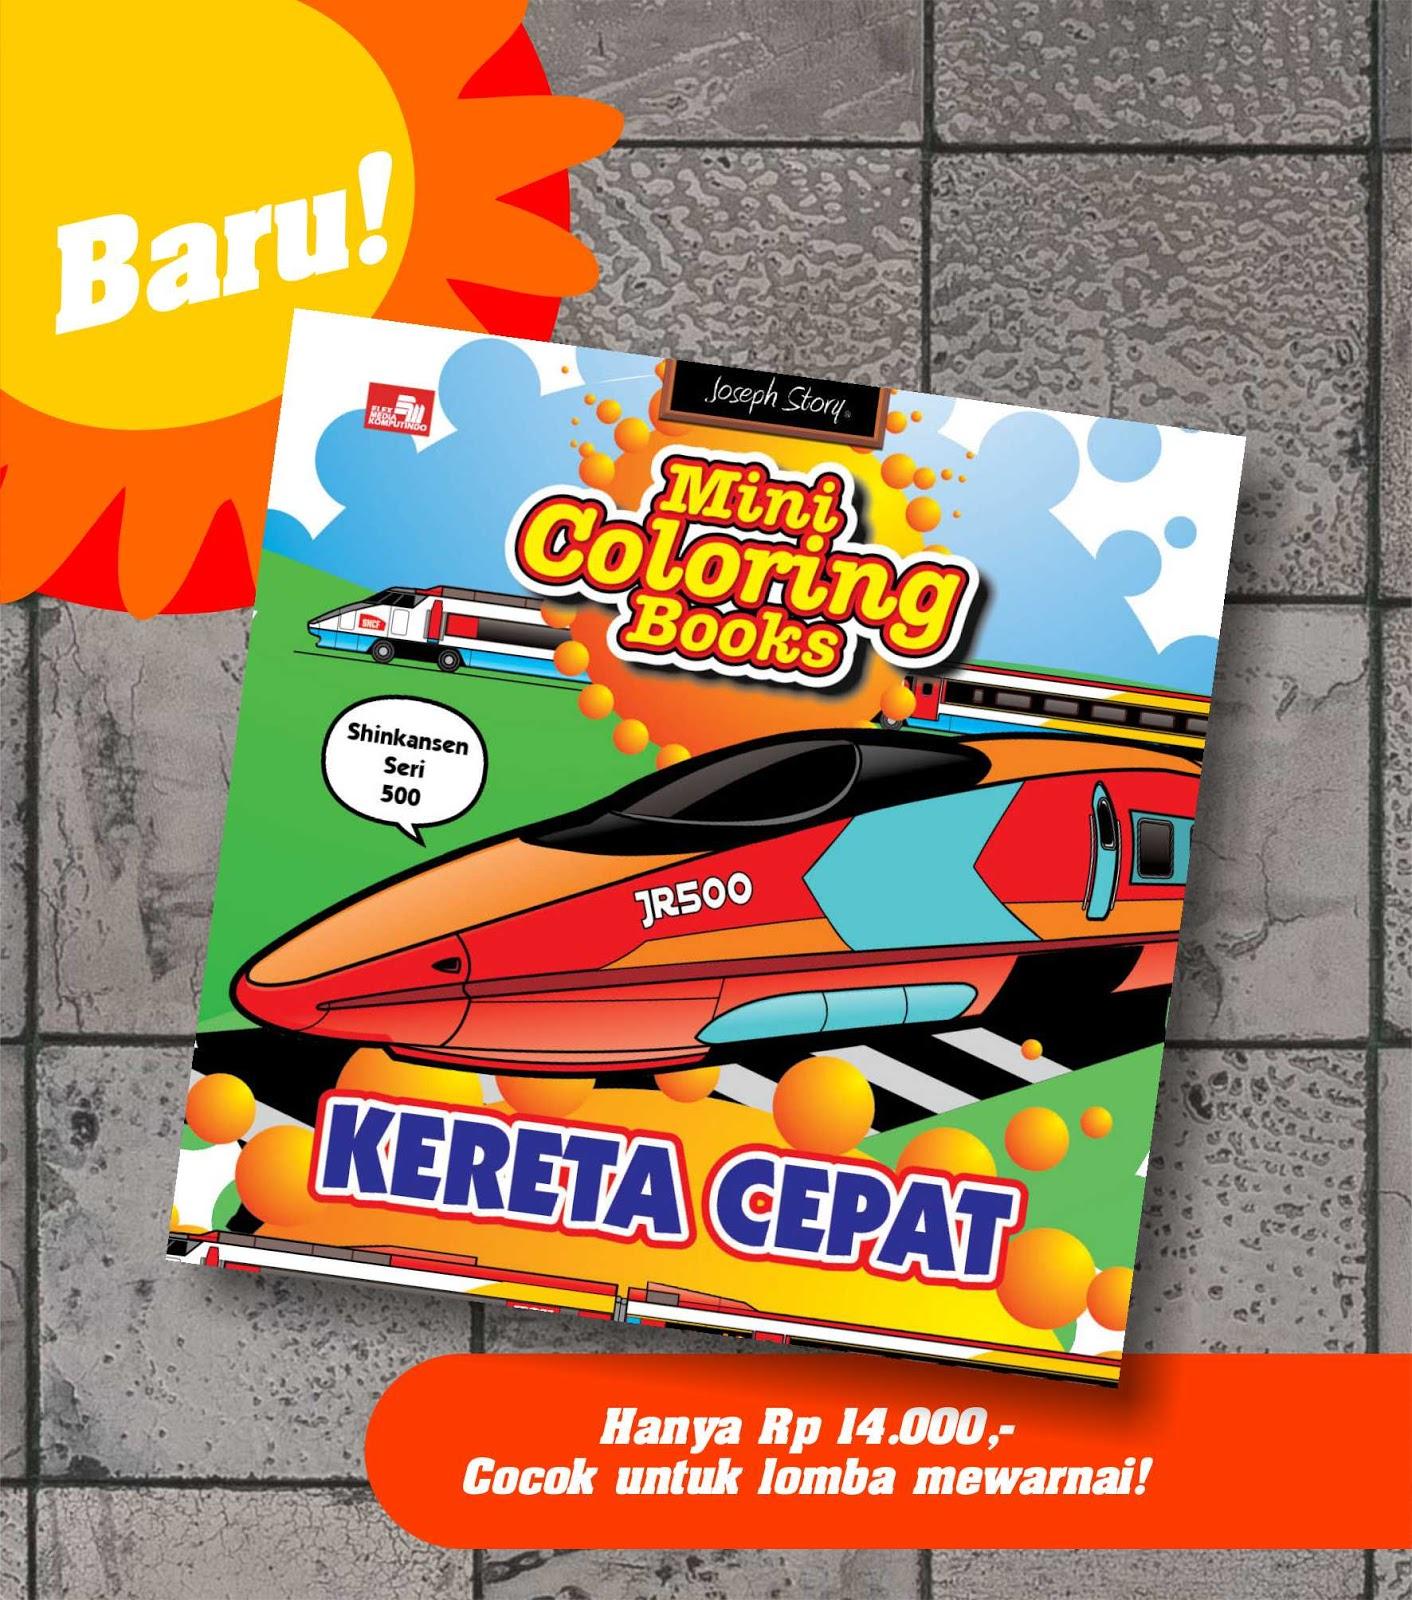 Krayonaku Majalah Gratis Anak Cerdas Buku Mini Coloring Books Kereta Cepat